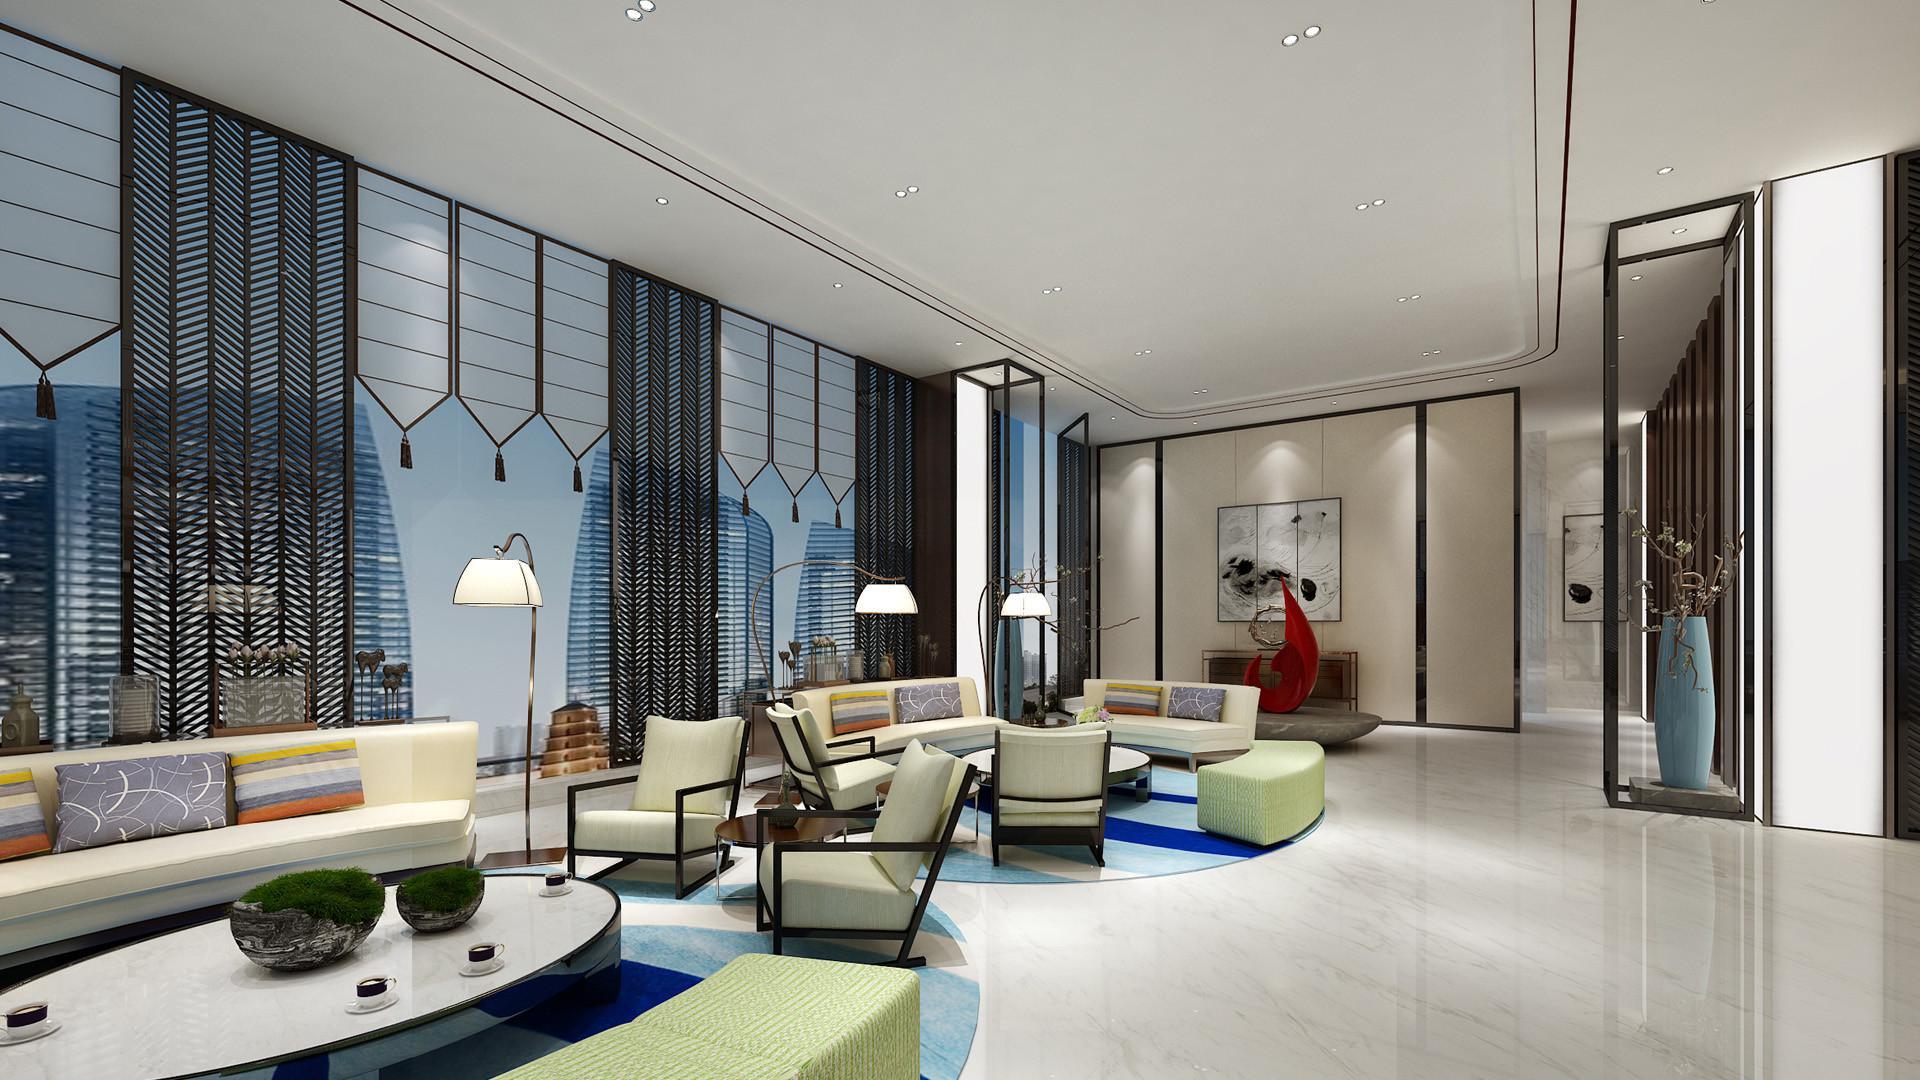 成都软装设计公司:酒店软装如何设计出独特的风格